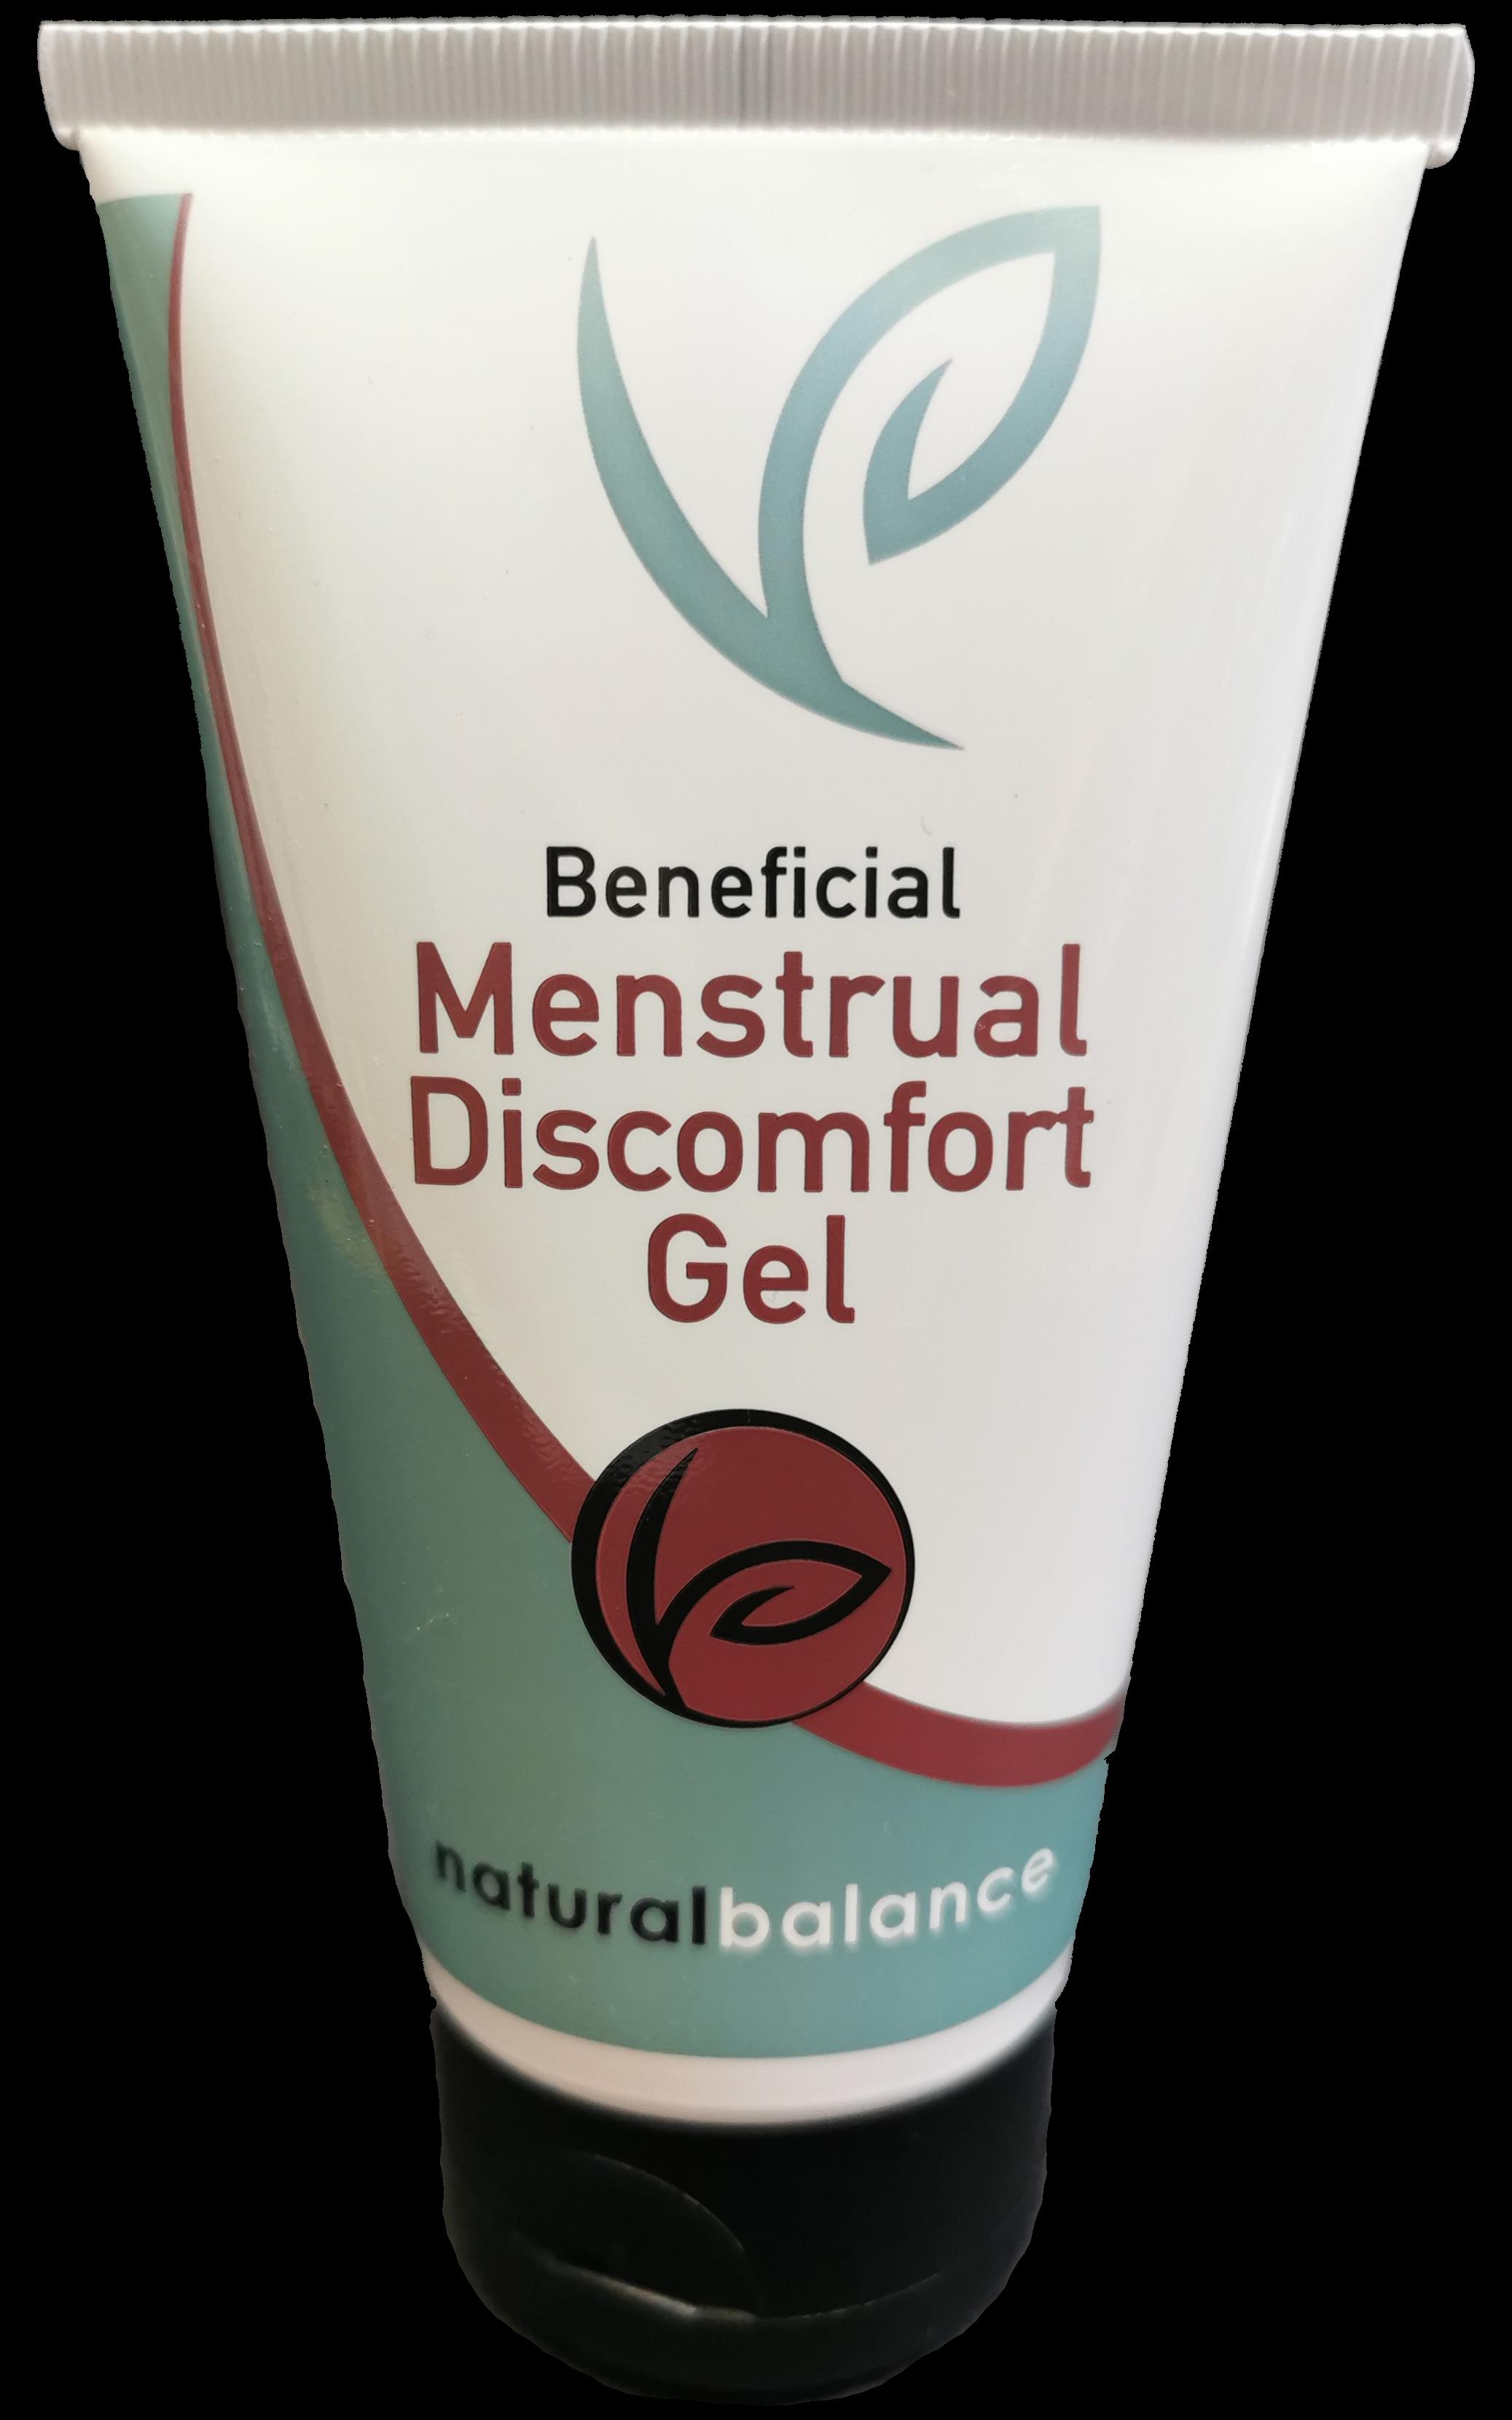 Menstrual Discomfort Gel